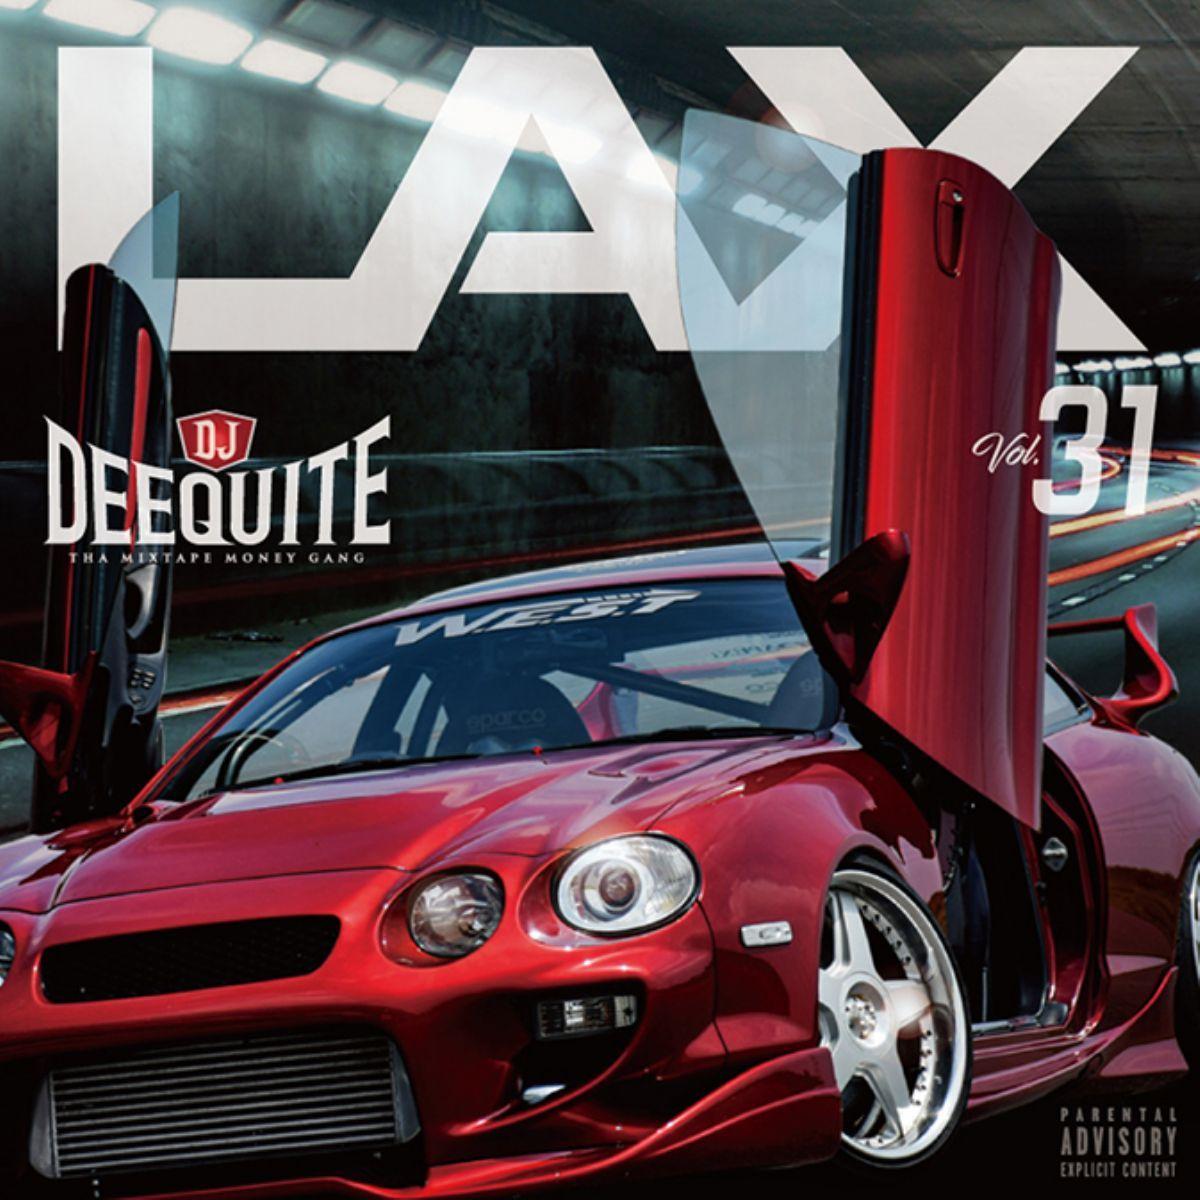 ウエストコースト 人気シリーズ 31作目 ニューウエストLax Vol.31 / DJ Deequite